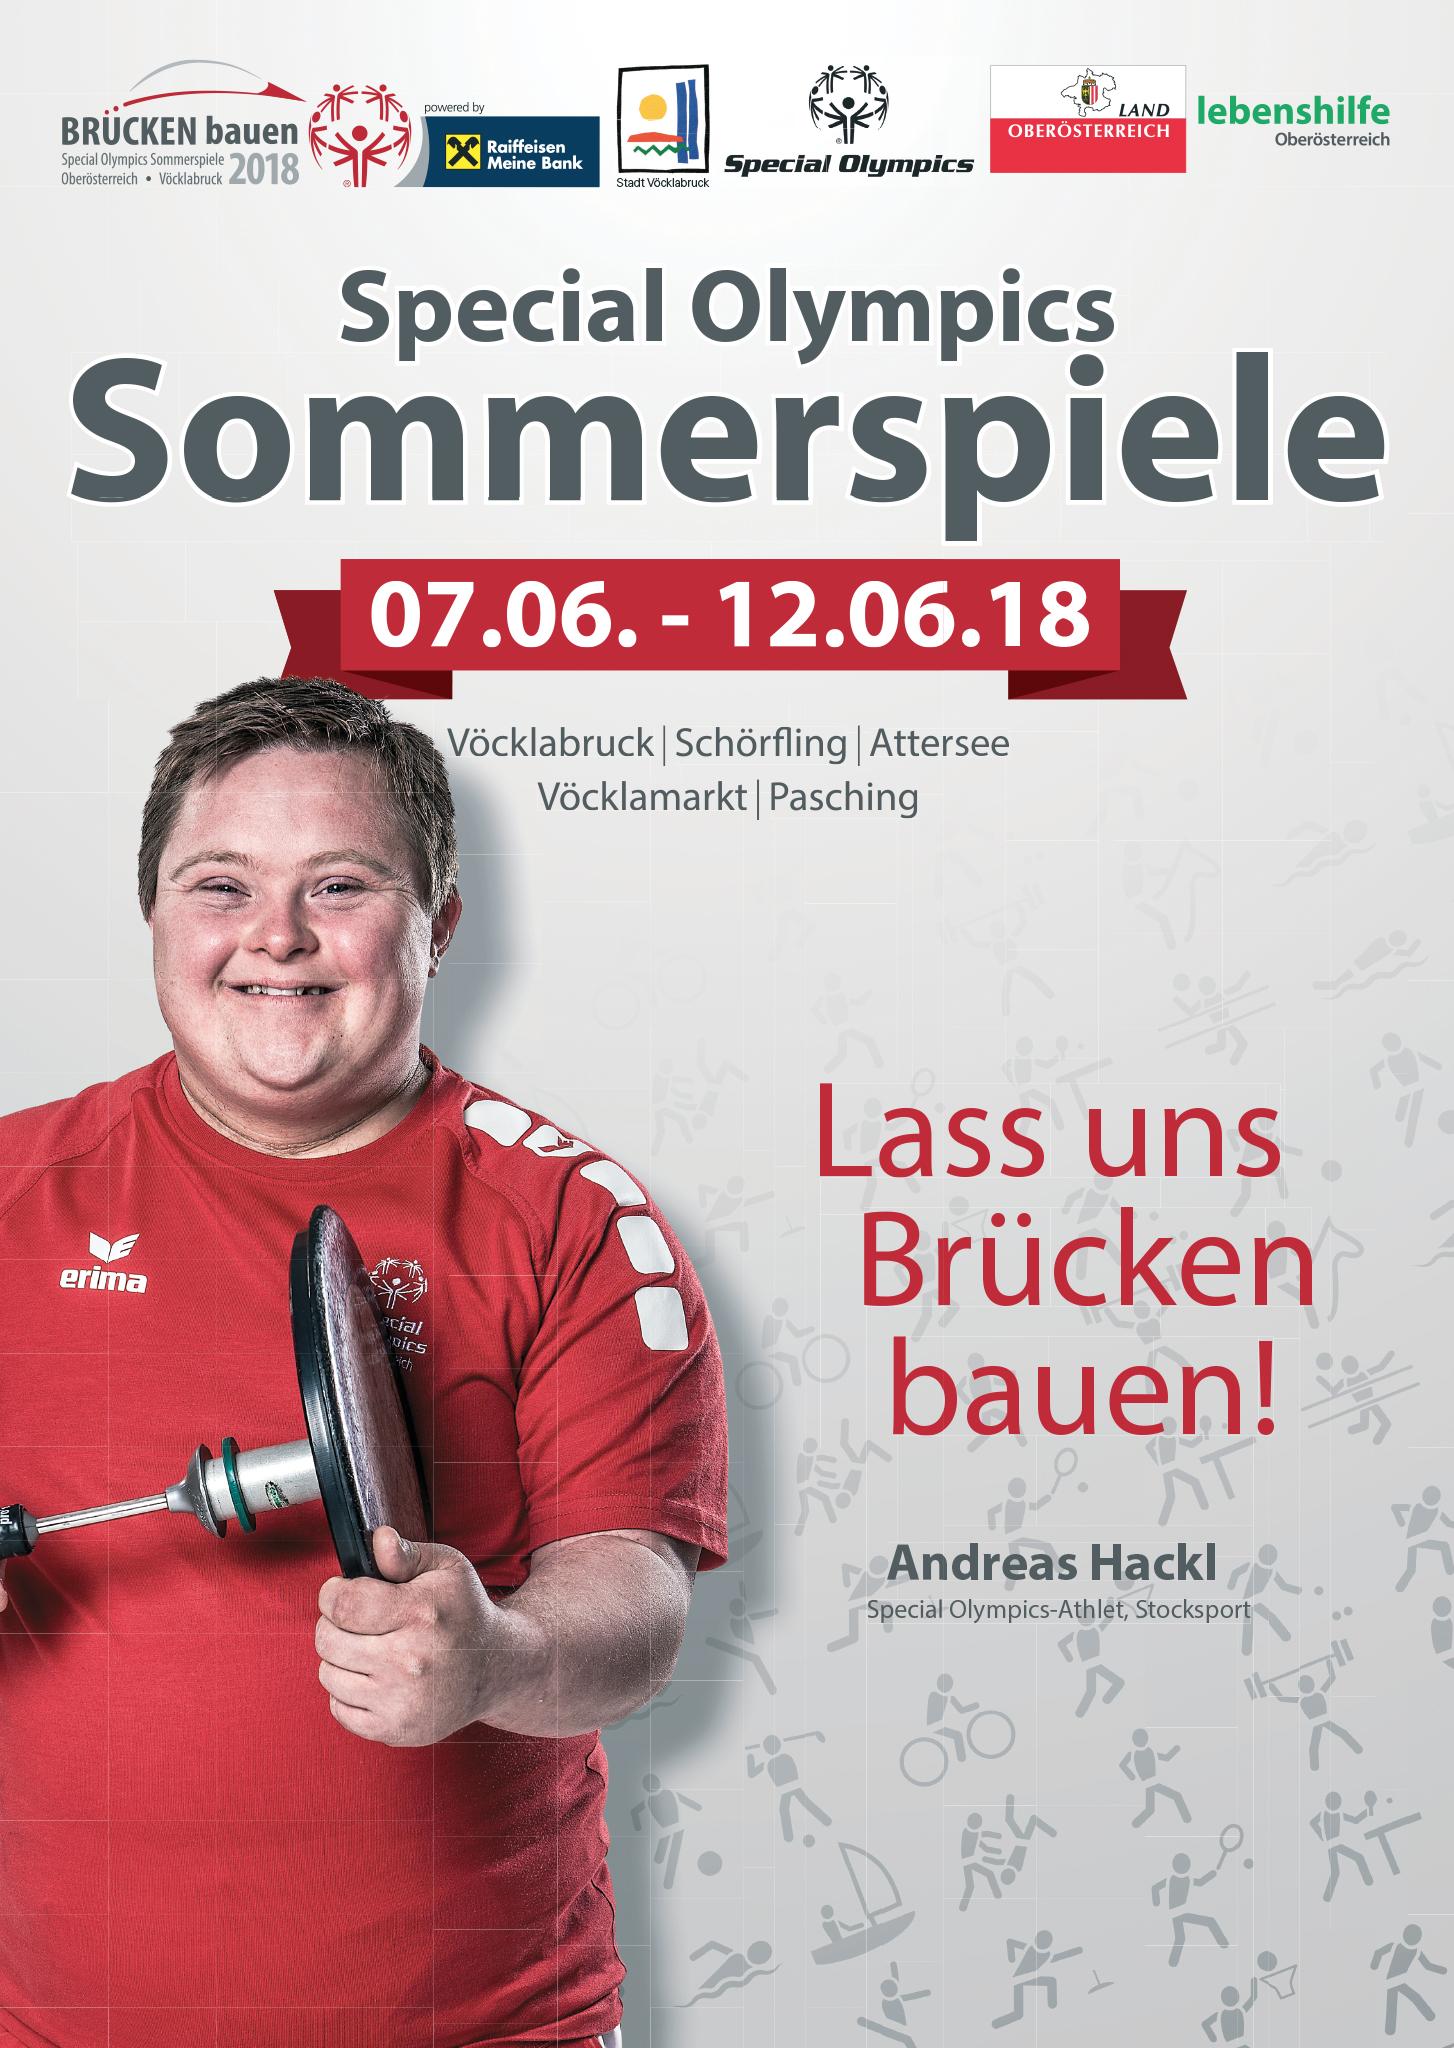 Plakate_A3_Brueckenbauen2018_Auflage_1-5